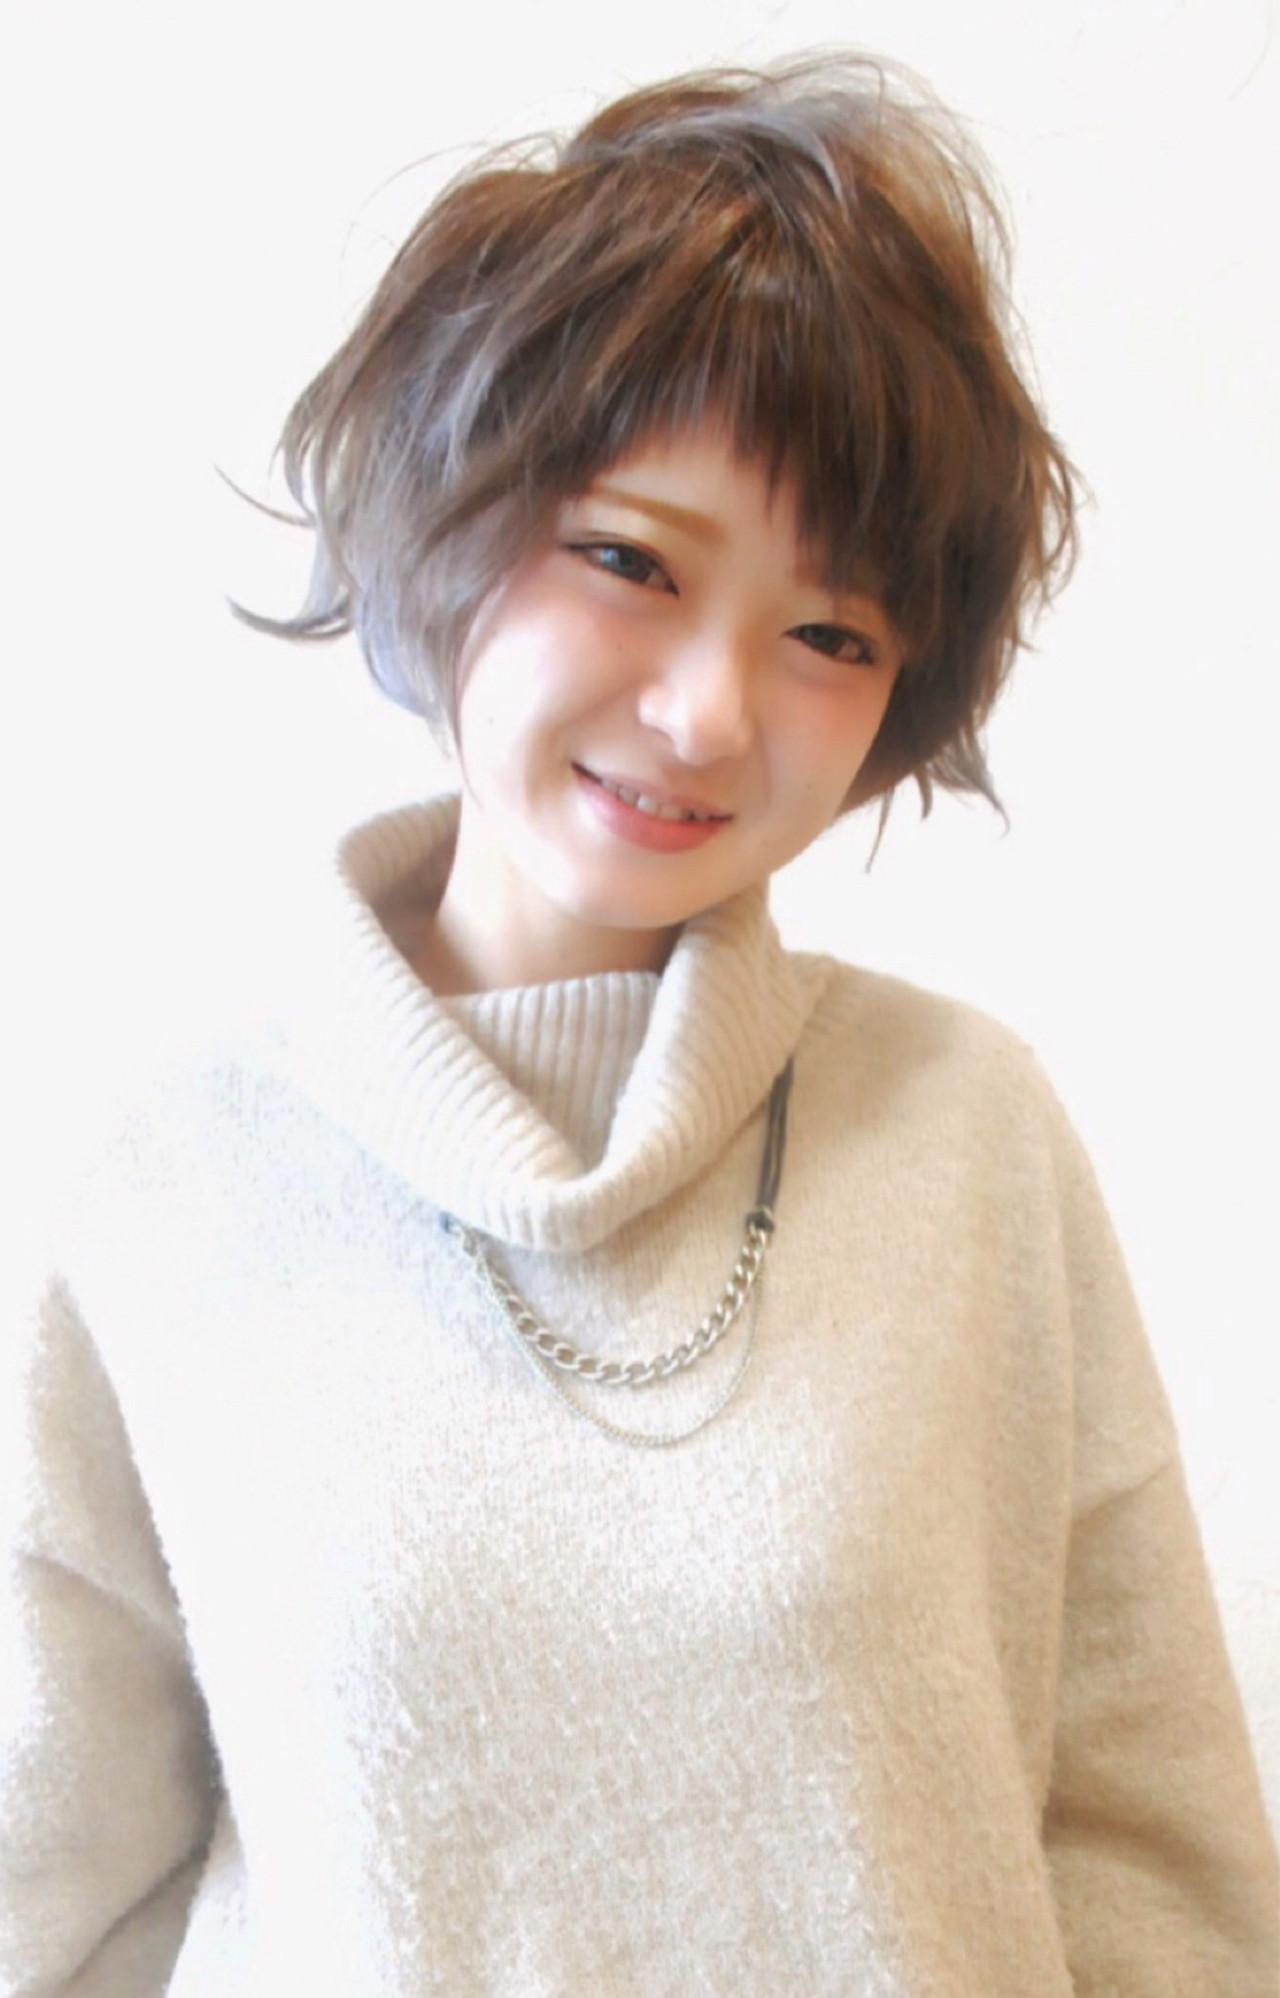 パーマ 小顔 ブルーアッシュ ショート ヘアスタイルや髪型の写真・画像